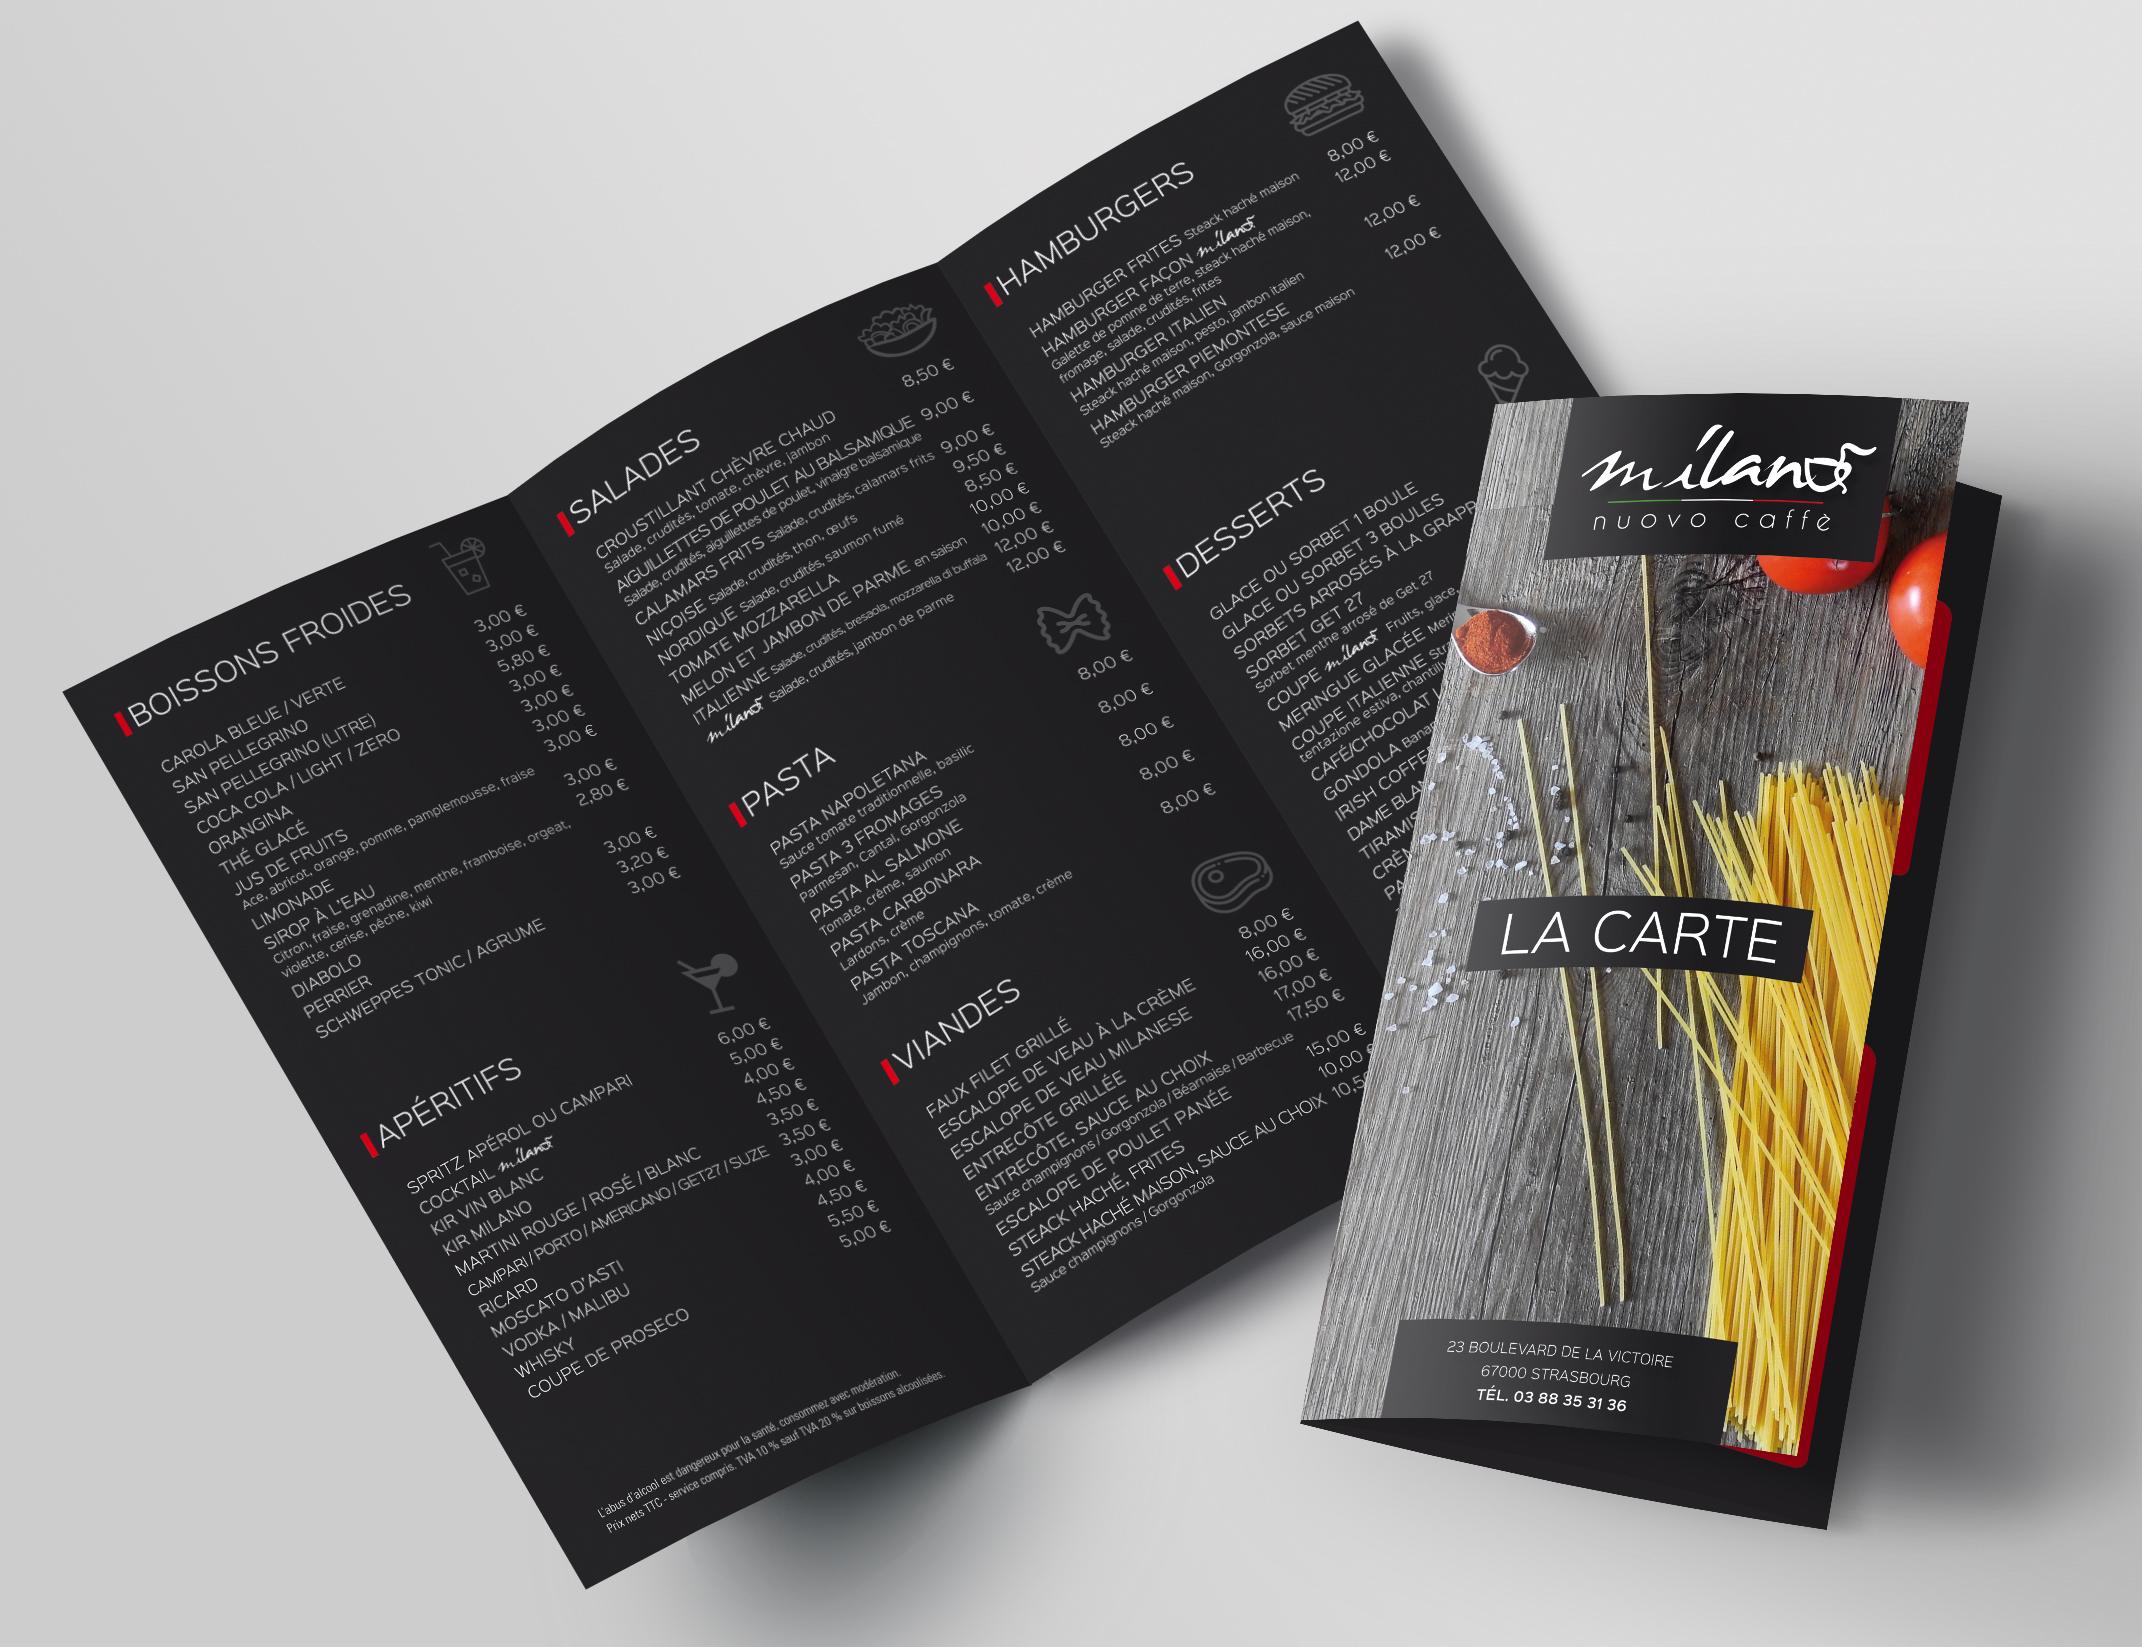 Création des cartes de menu d'un café-restaurant